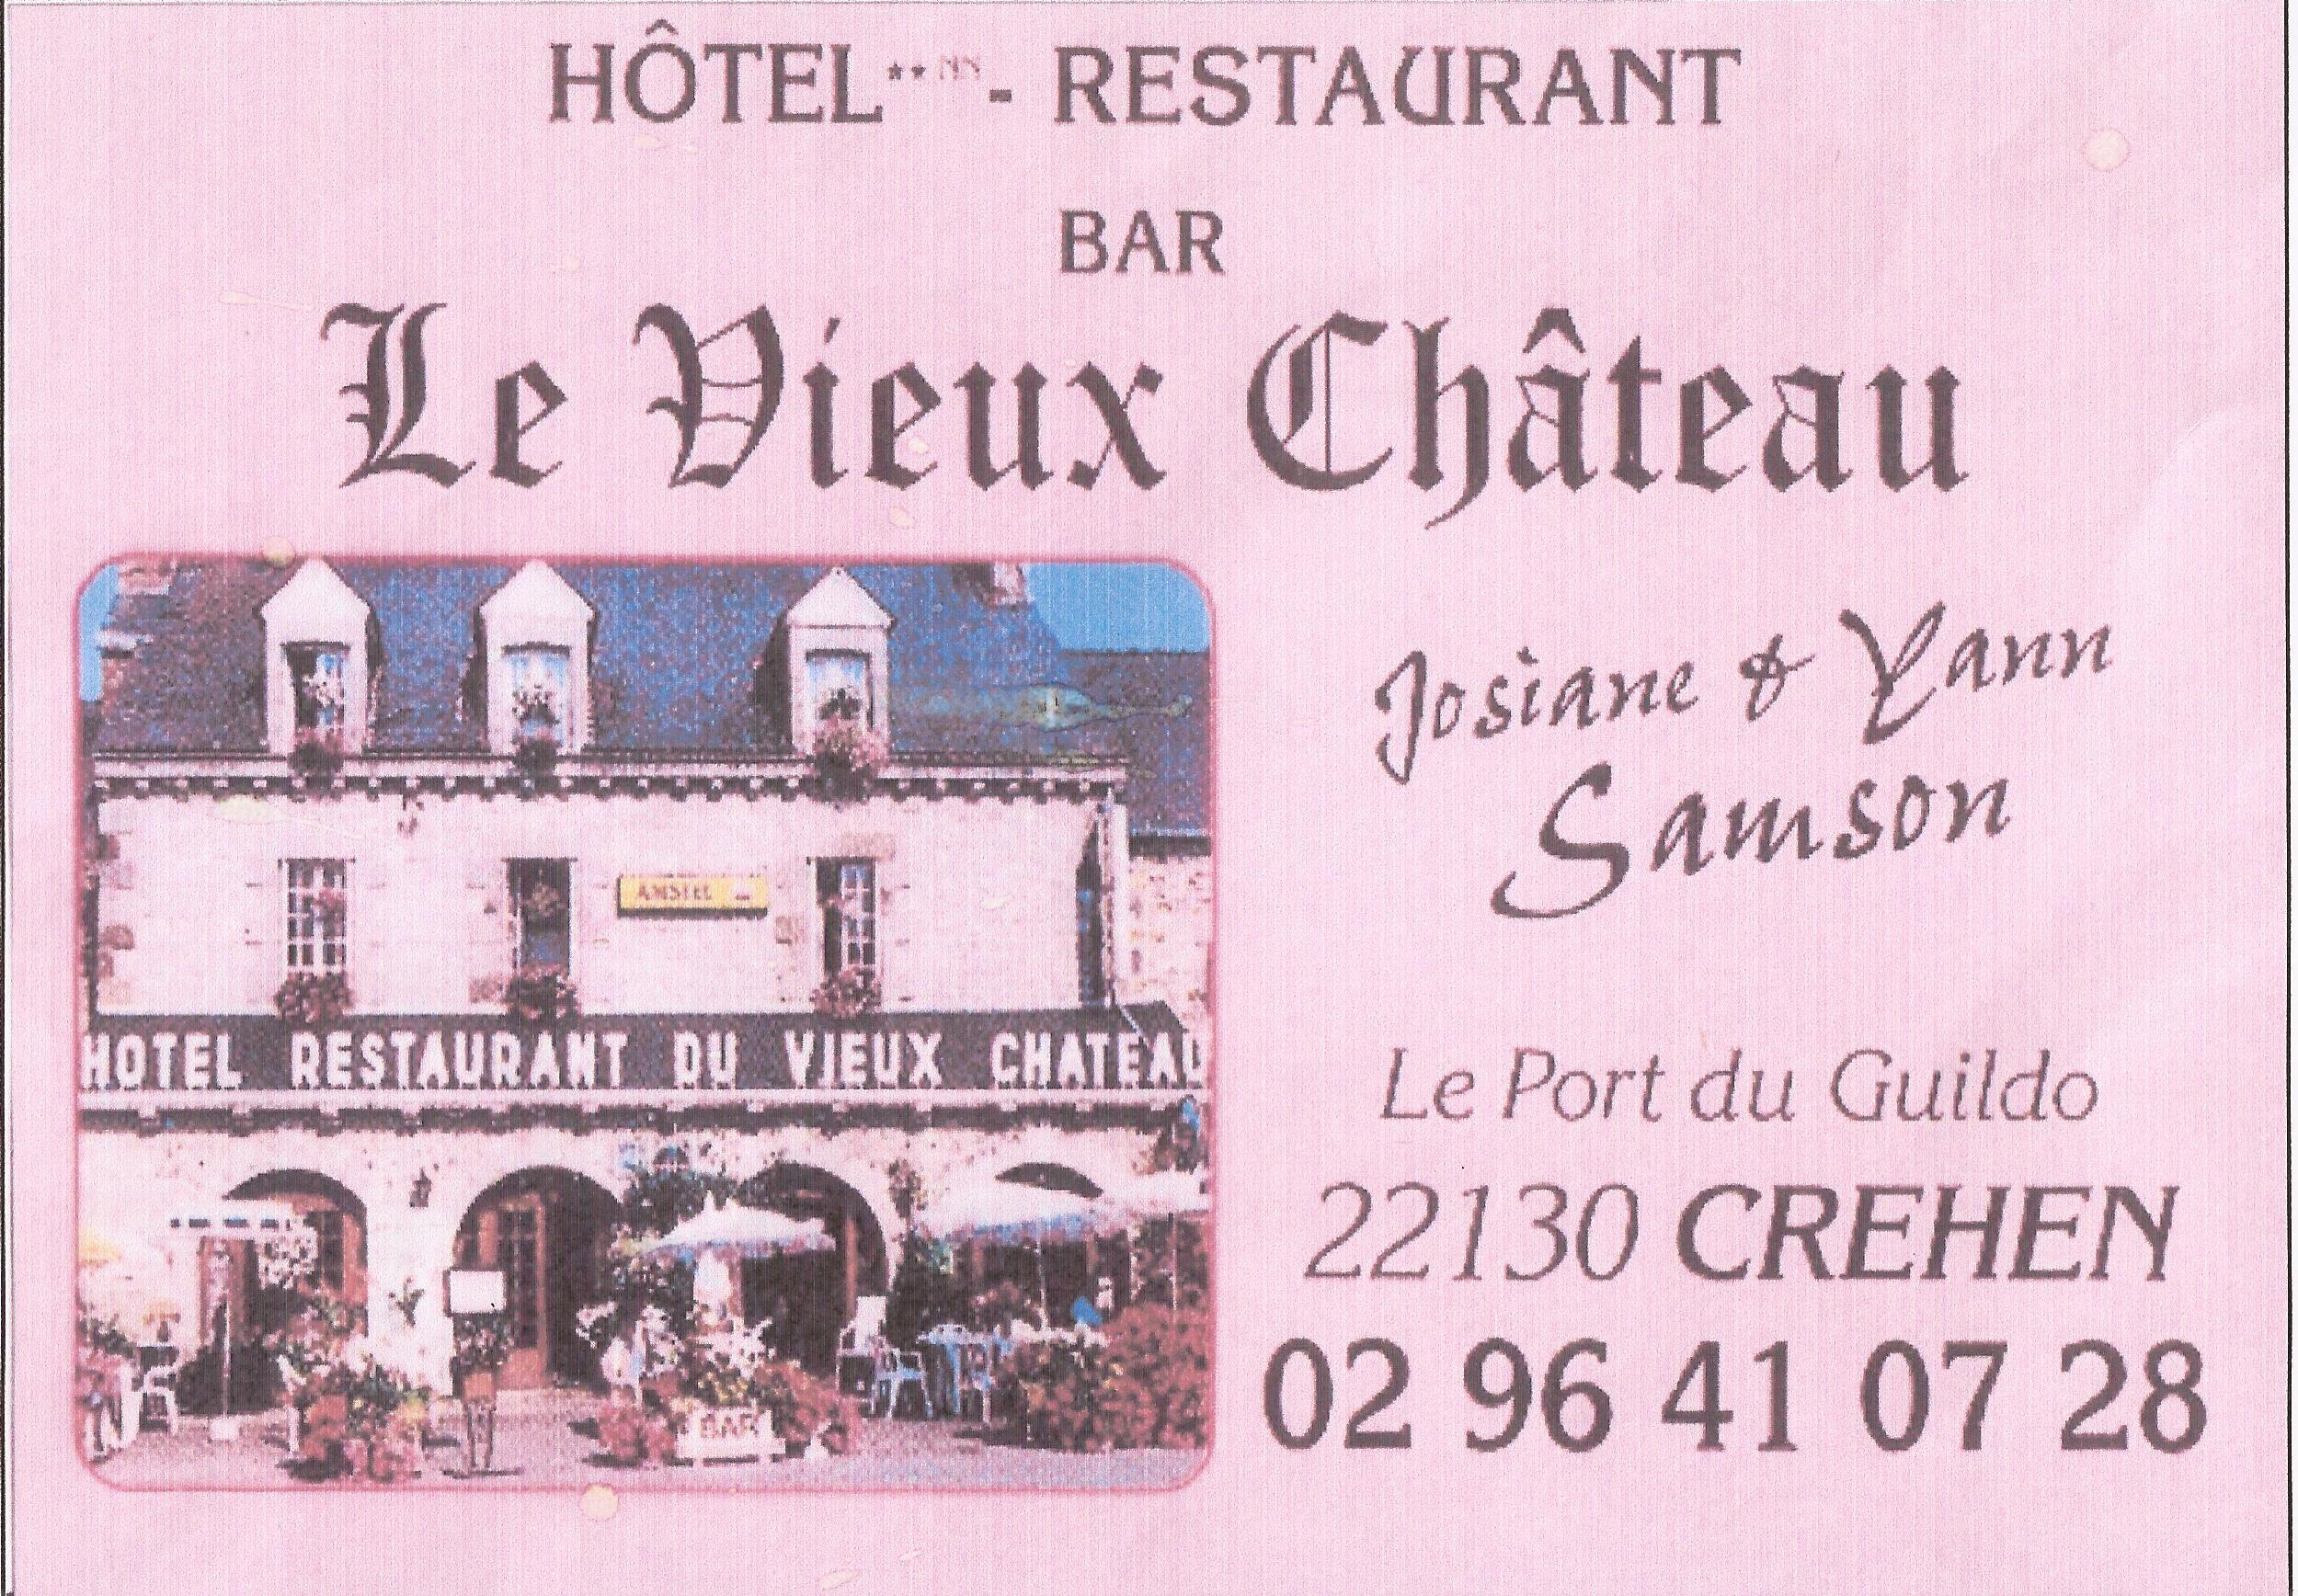 60 HOTEL RESTAURANT LE VIEUC CHATEAU - C